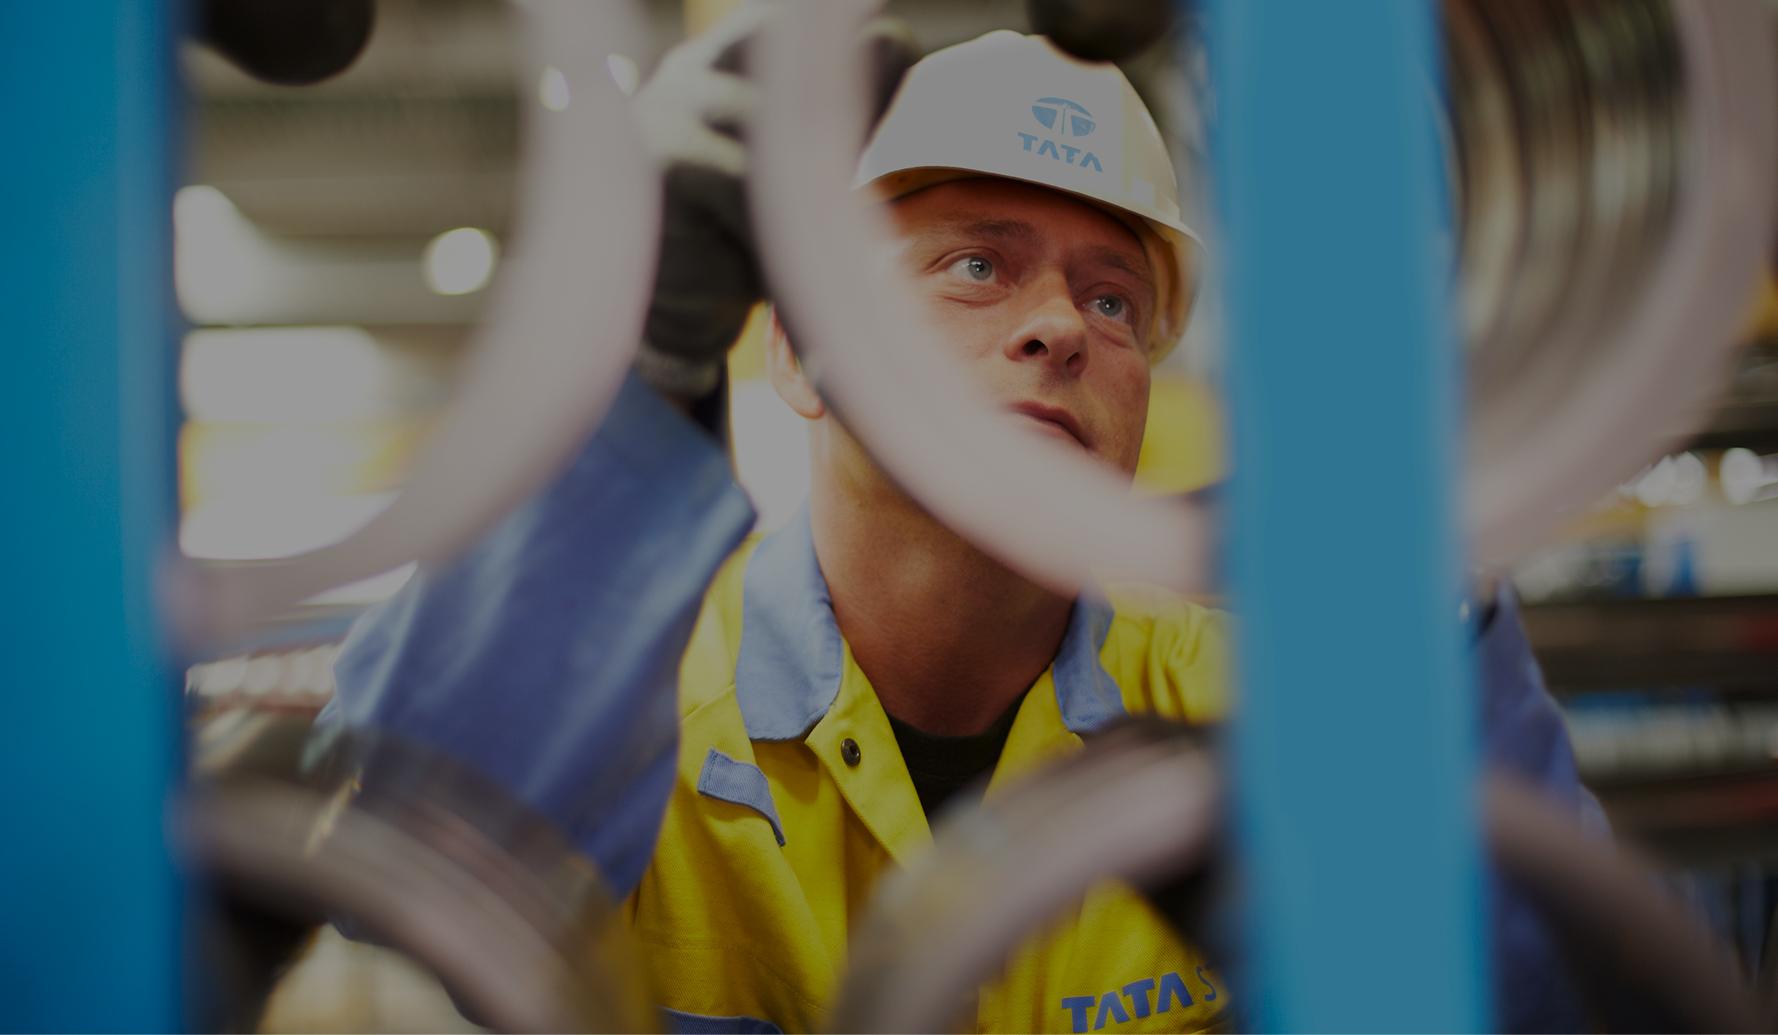 Steelport Maastricht, Zuid Nederlandse Buizen, Tata Steel Tubes, Tata Steel Feijen Service Centre, Tata Steel Multisteel Service Centre, Maasstaal, Laura Metaal, SteelSolutions, Vogten Staal. Decoilen, rol- en plaatsbeitsen, slitten, knippen, snijden, buisfabricage, opslag, transport, hogesterktestaal, HSS, werken bij, vacatures, vacature, banen, baan, solliciteren, staalindustrie, staal